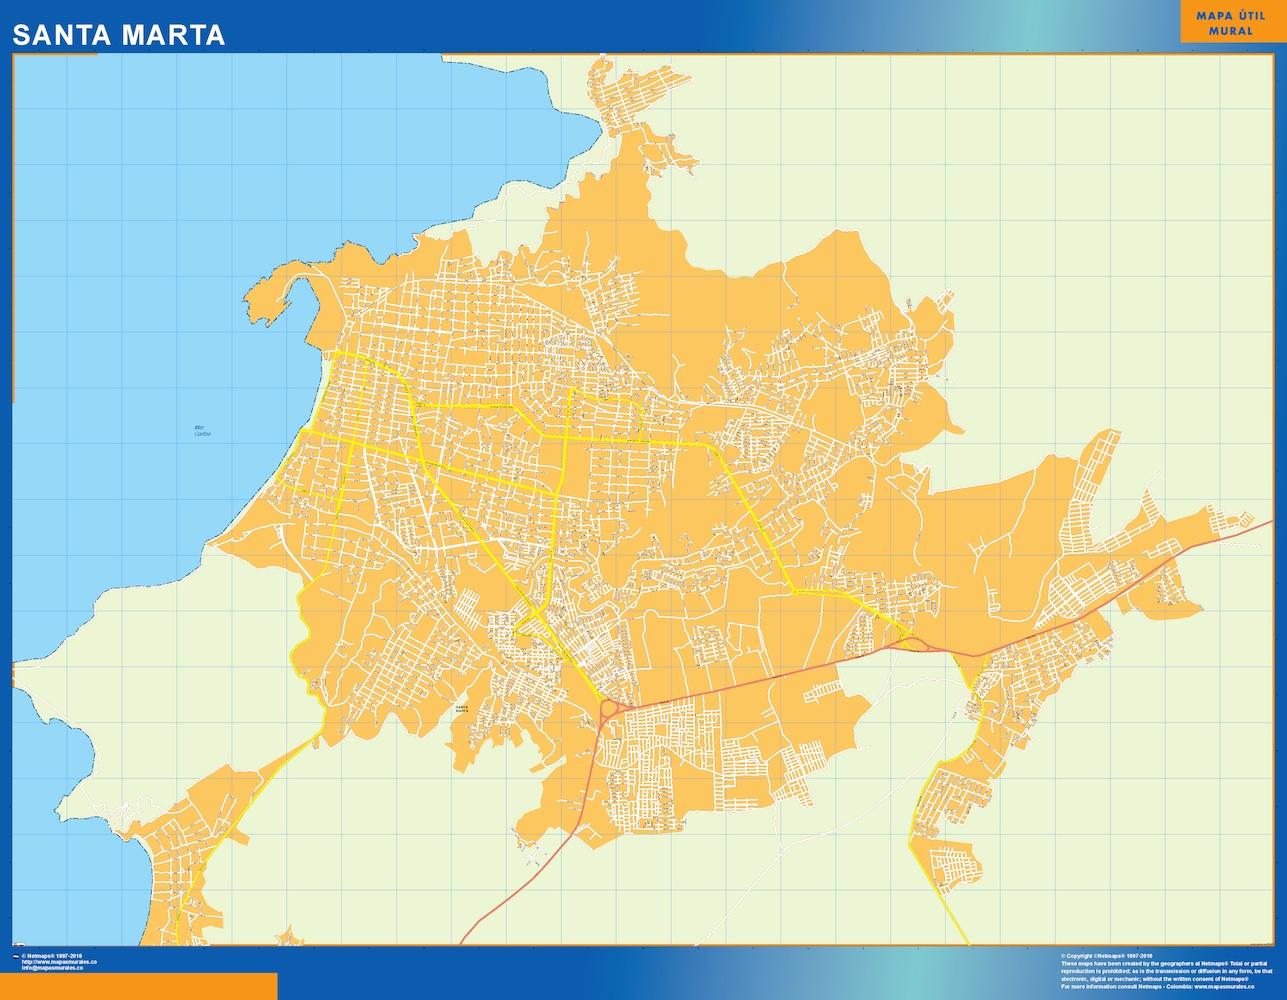 Mapa de Santa Marta en Colombia plastificado gigante